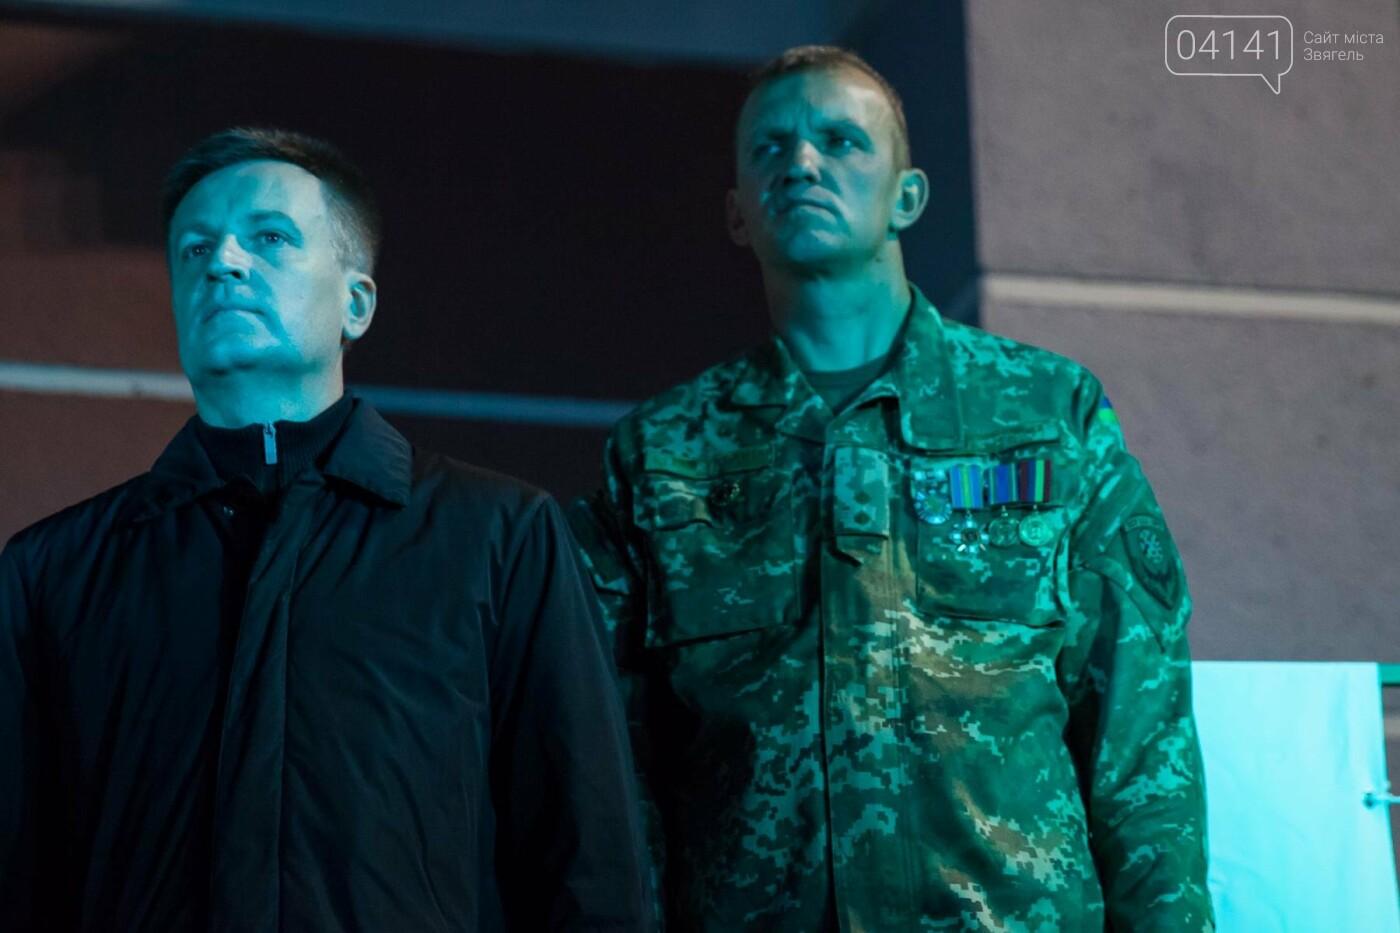 «Ми кажемо цій владі, що так не має бути і розповідаємо як бути повинно », - Наливайченко під час зустрічі в Житомирі, фото-11